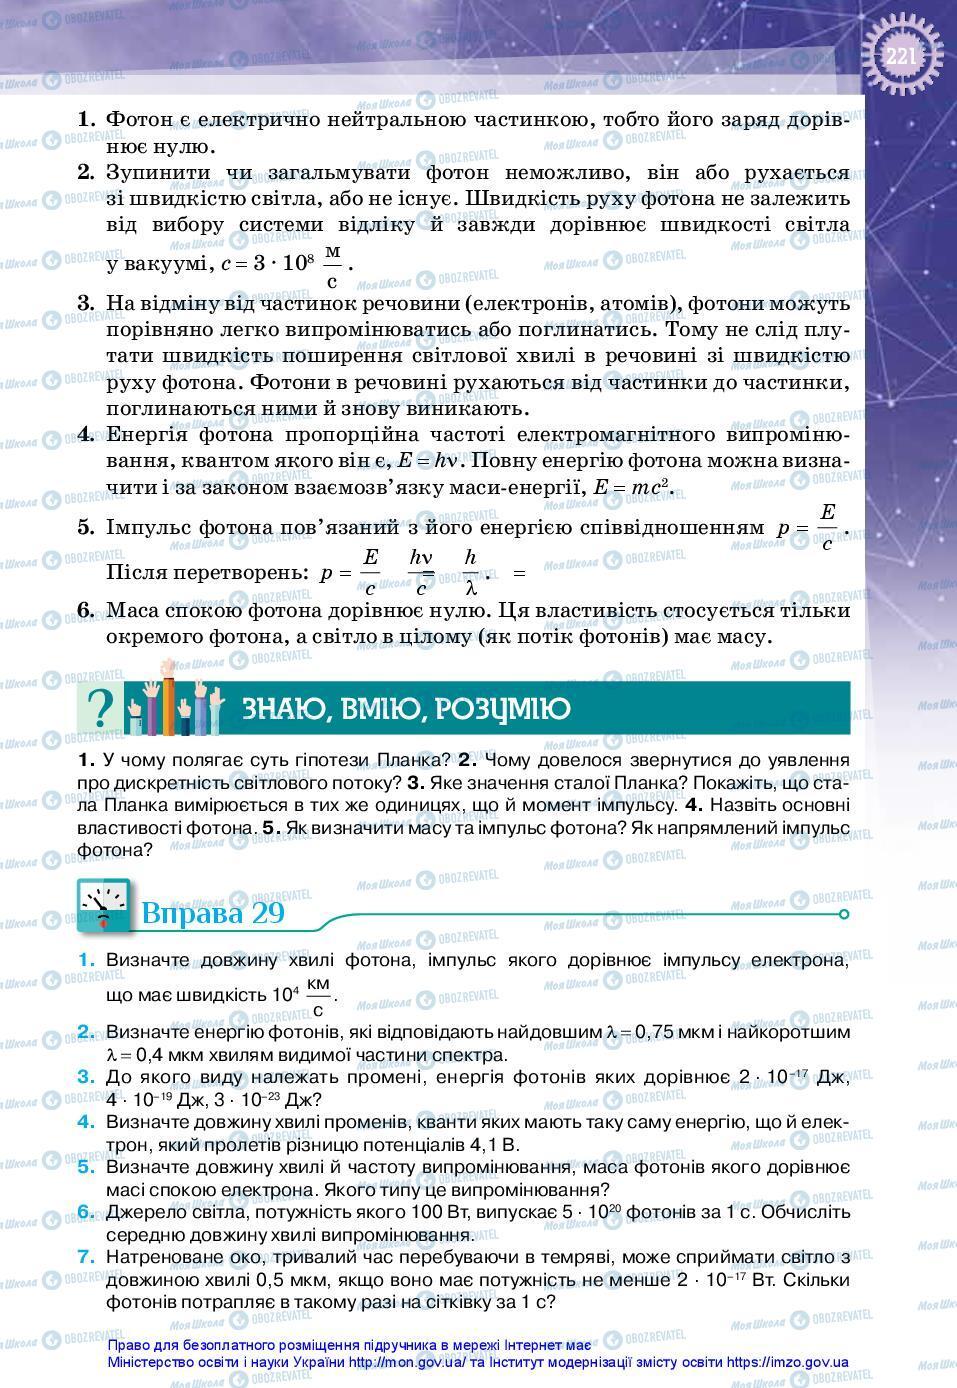 Підручники Фізика 11 клас сторінка 221